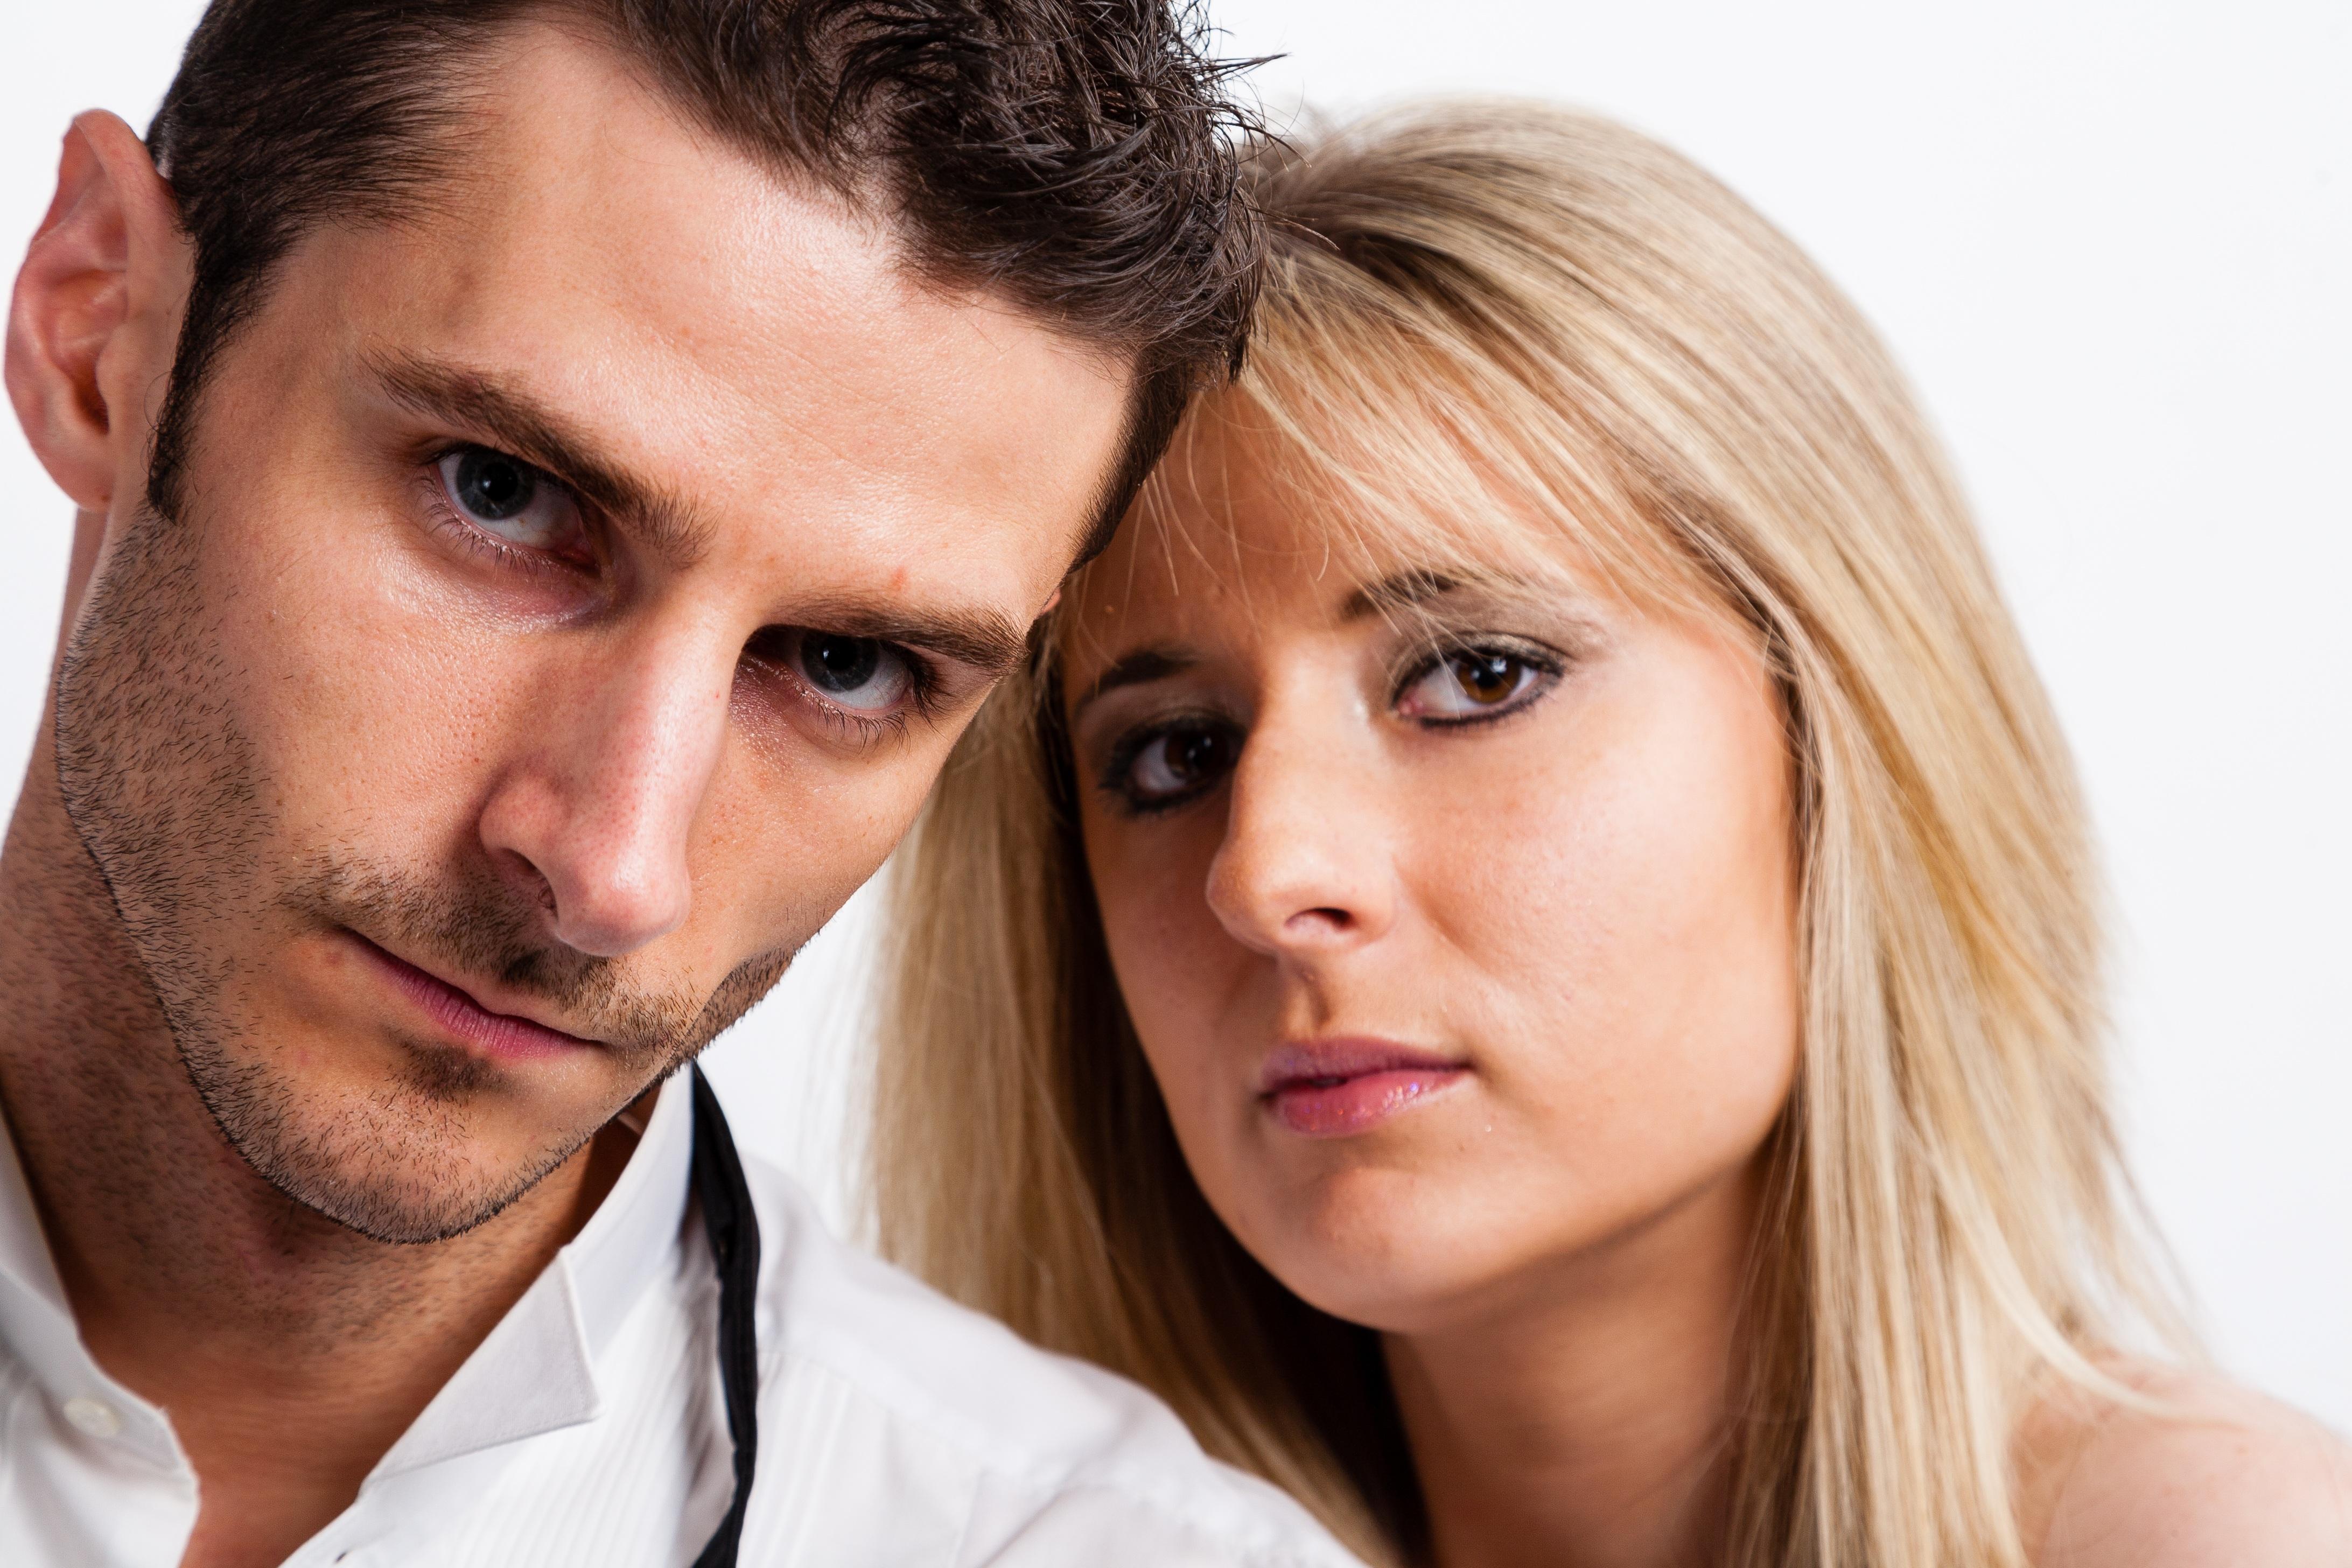 картинки о мужчинах боящихся своих жен всех домашних или